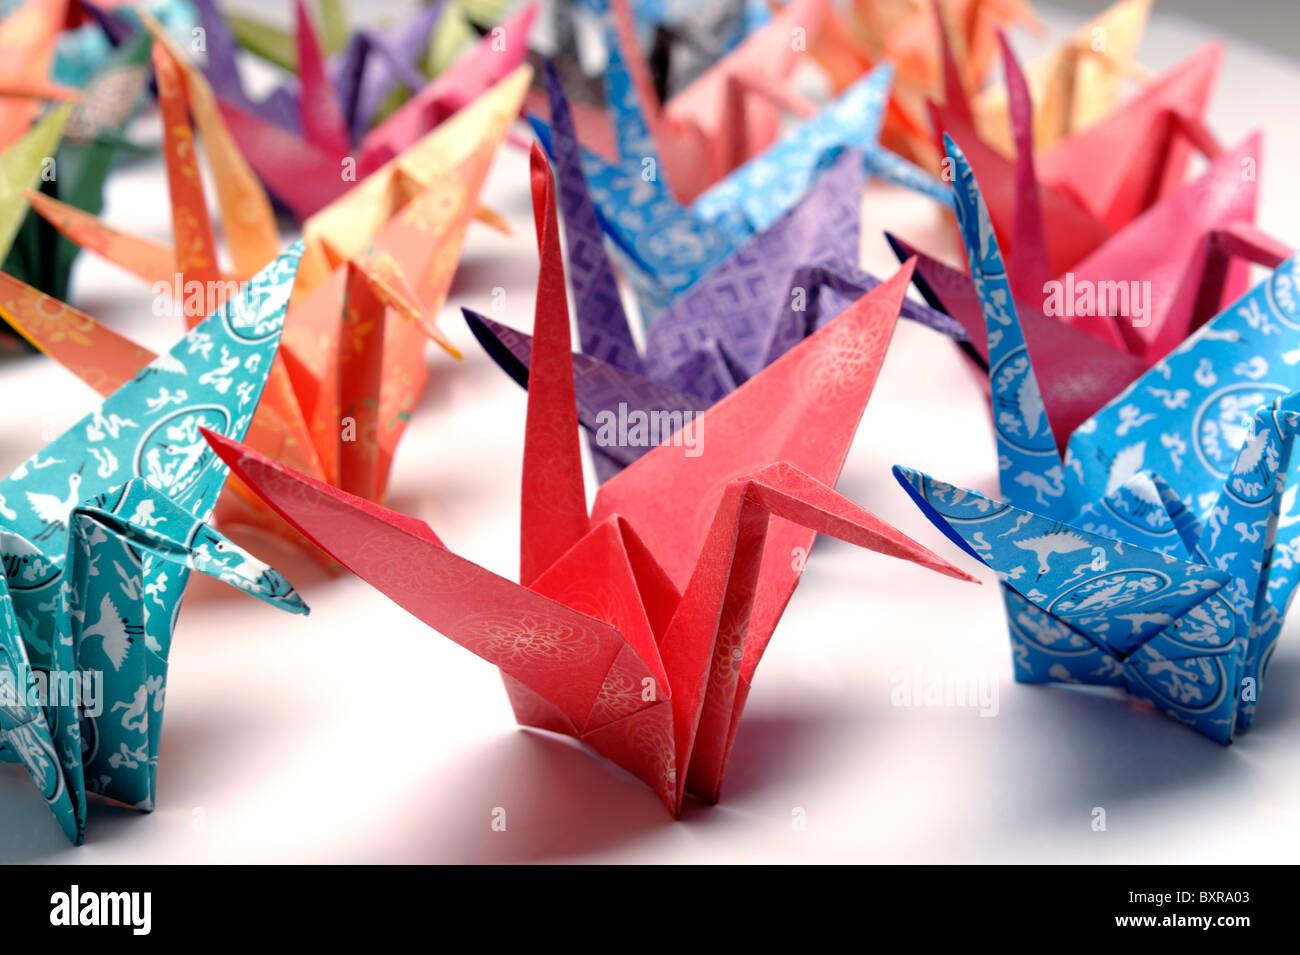 Origami Papier Kran Vögel Stockbild